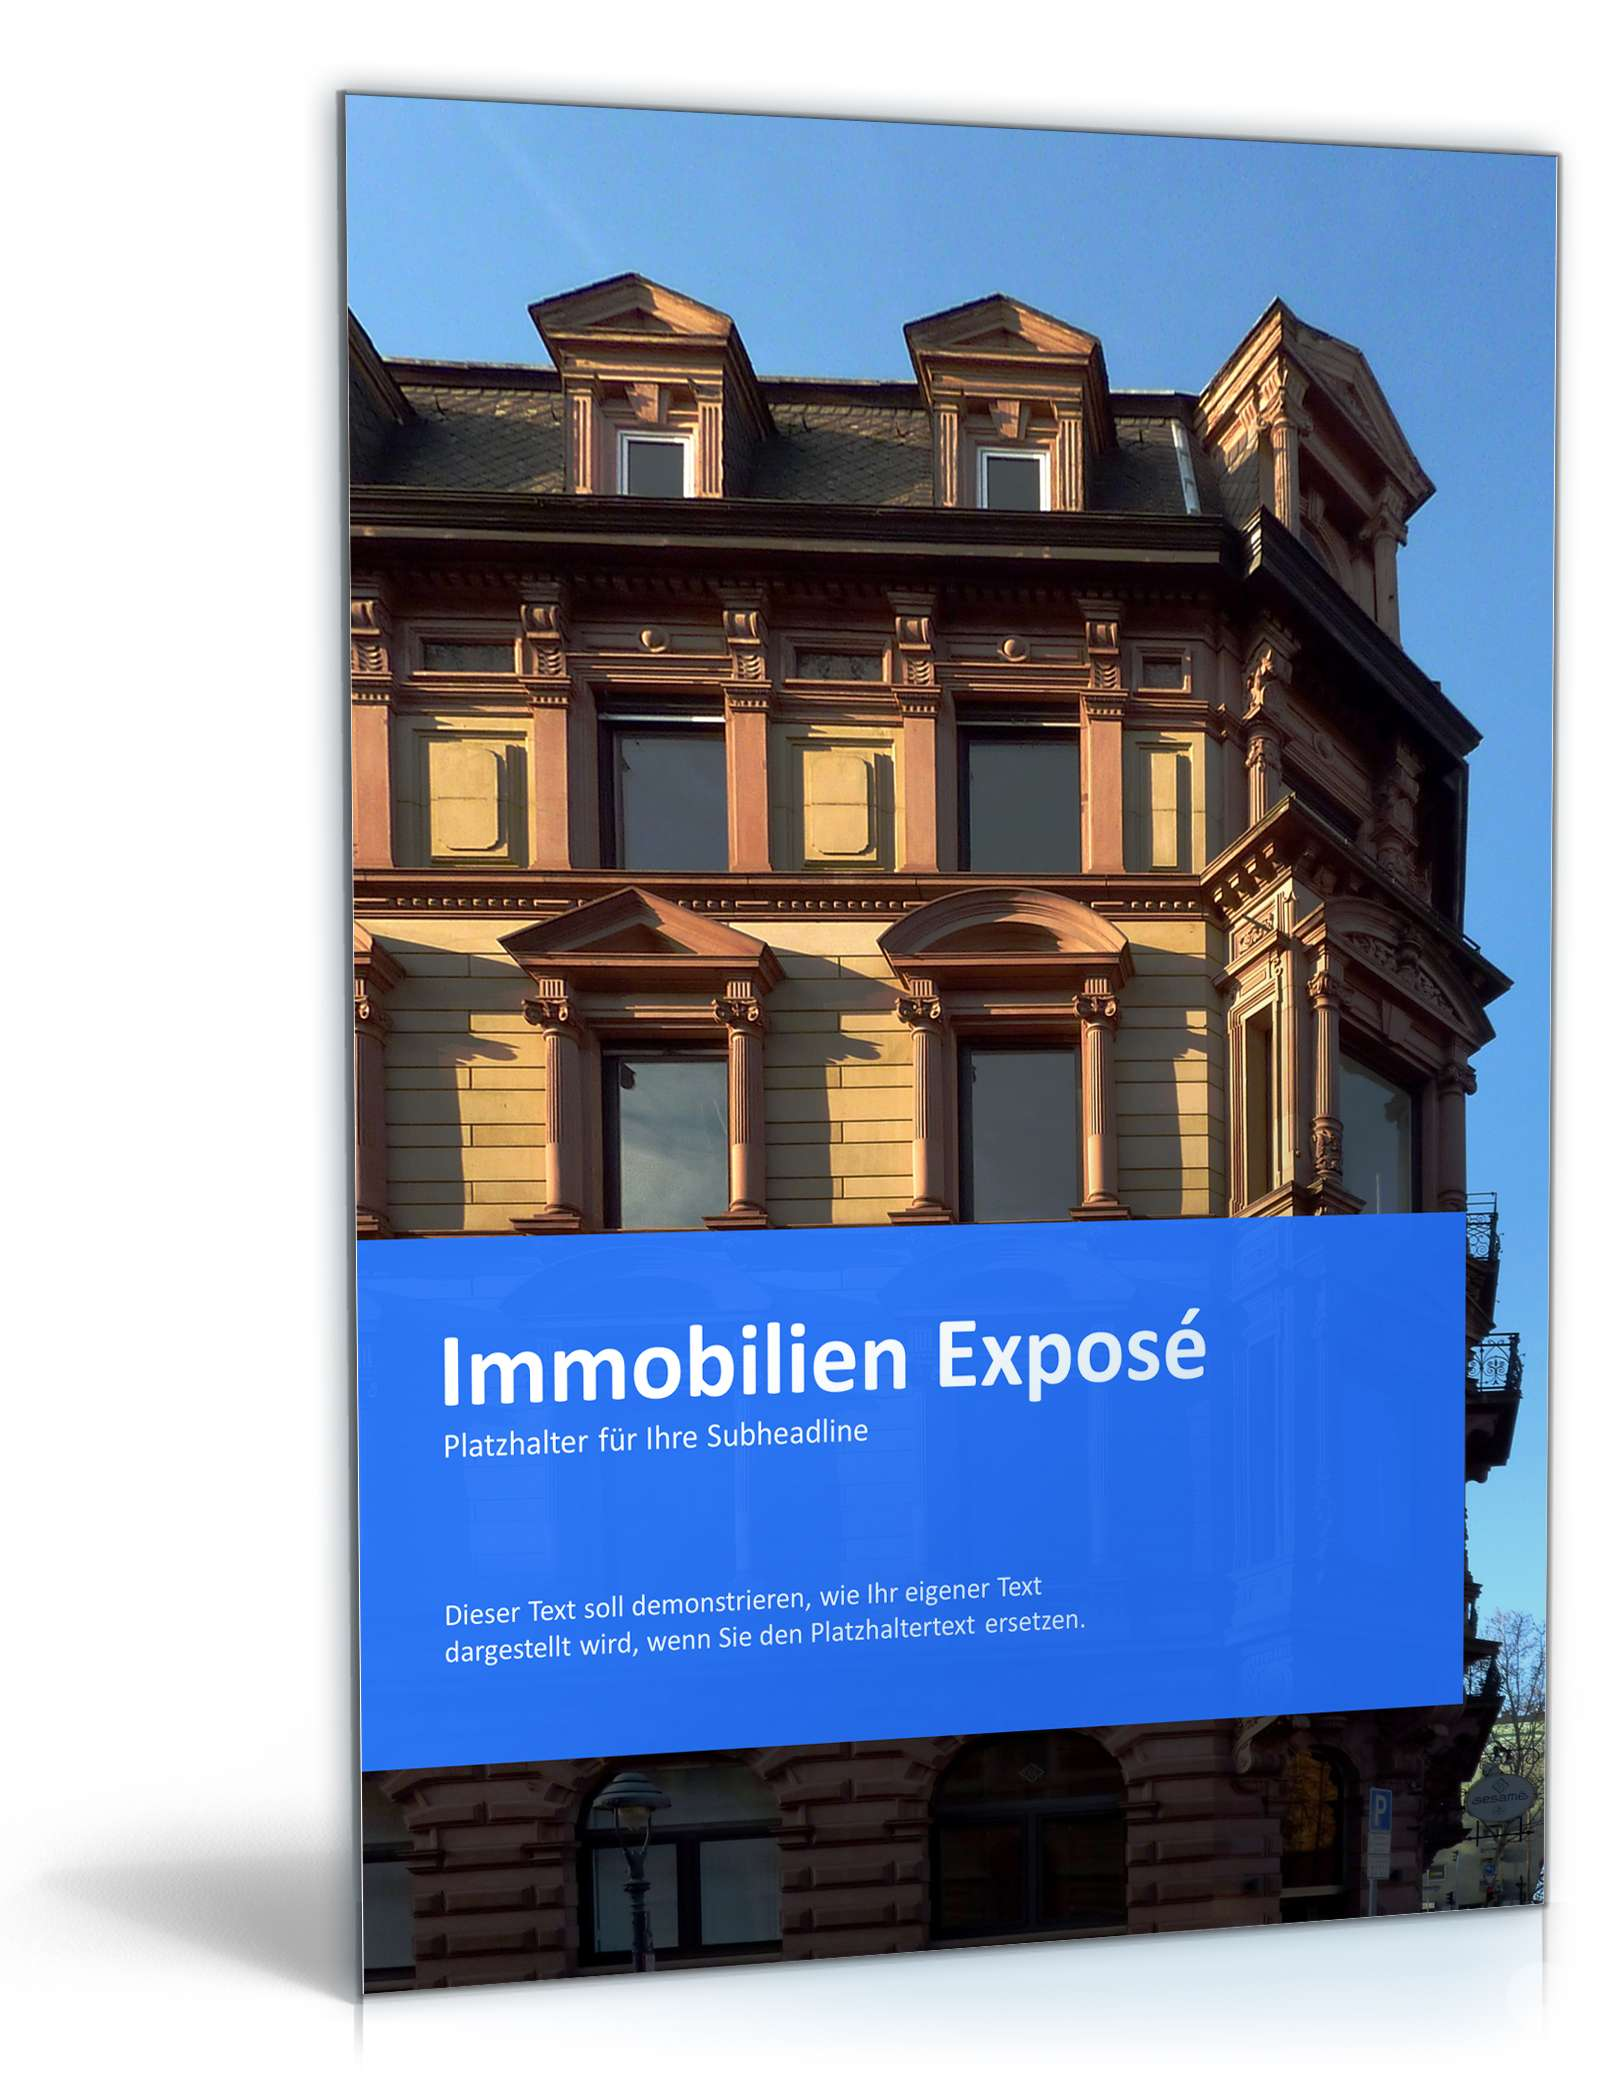 Powerpoint Vorlage Immobilien Expose Vorlage Zum Download